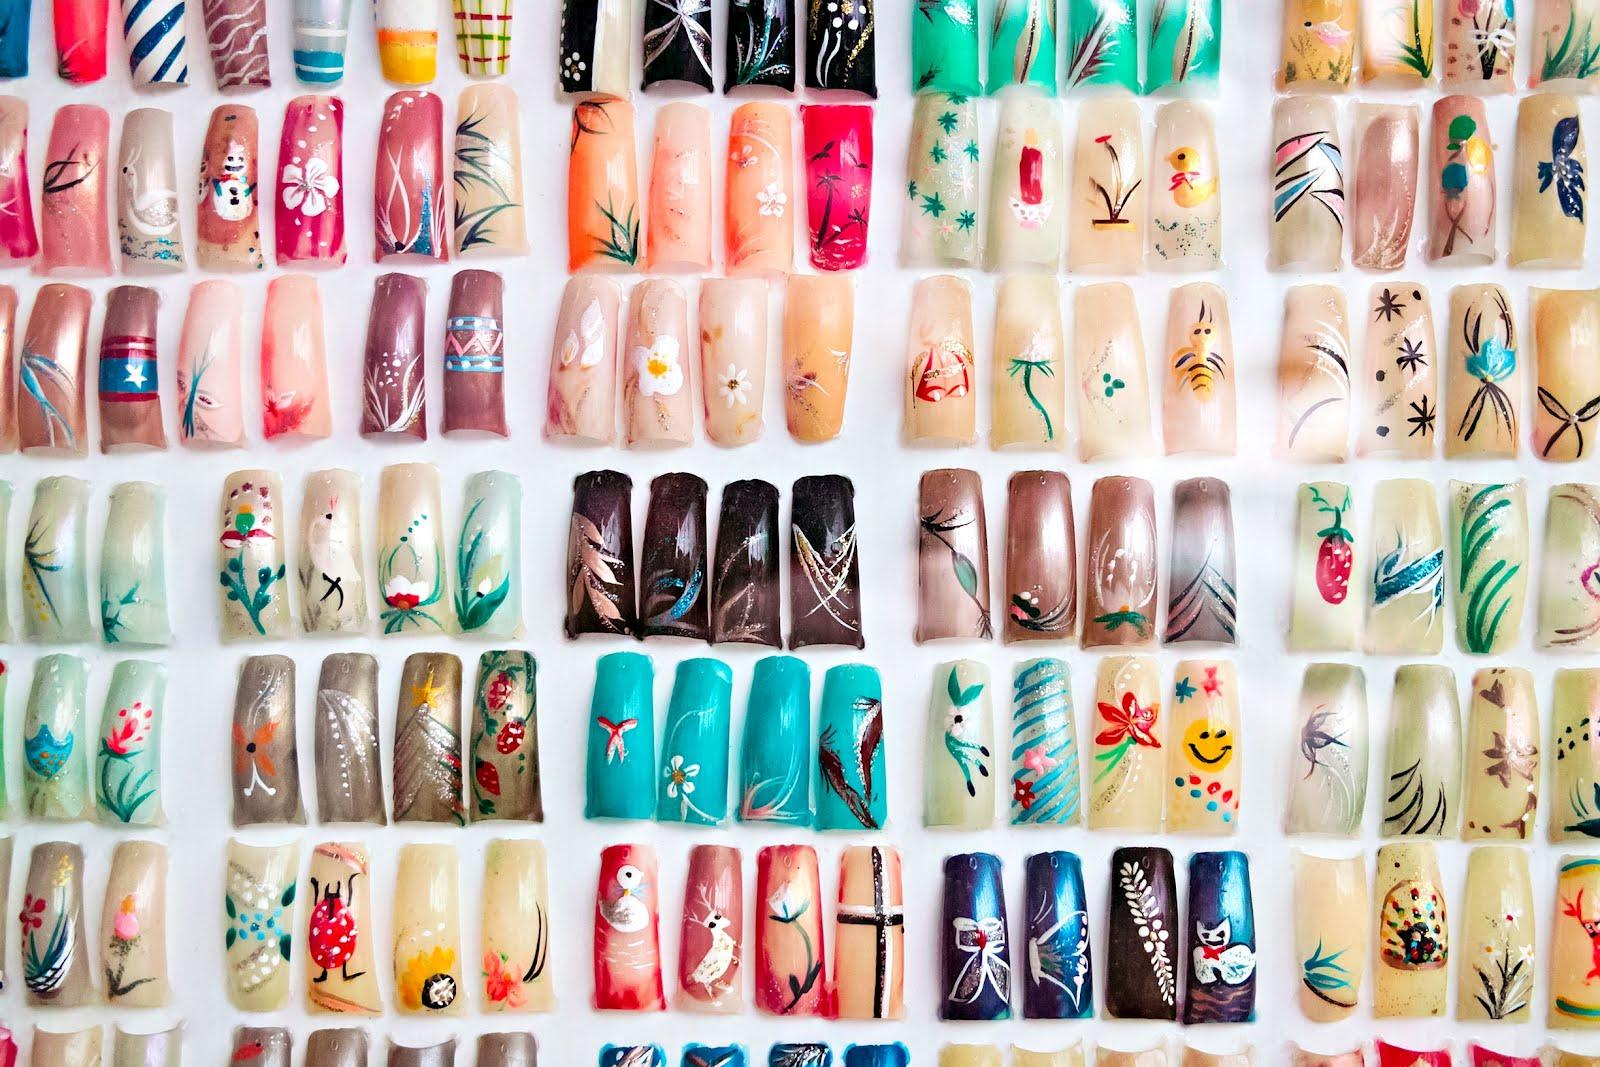 ... en uñas de acrílico - Memorias de la vanidad - Mujeres lindas